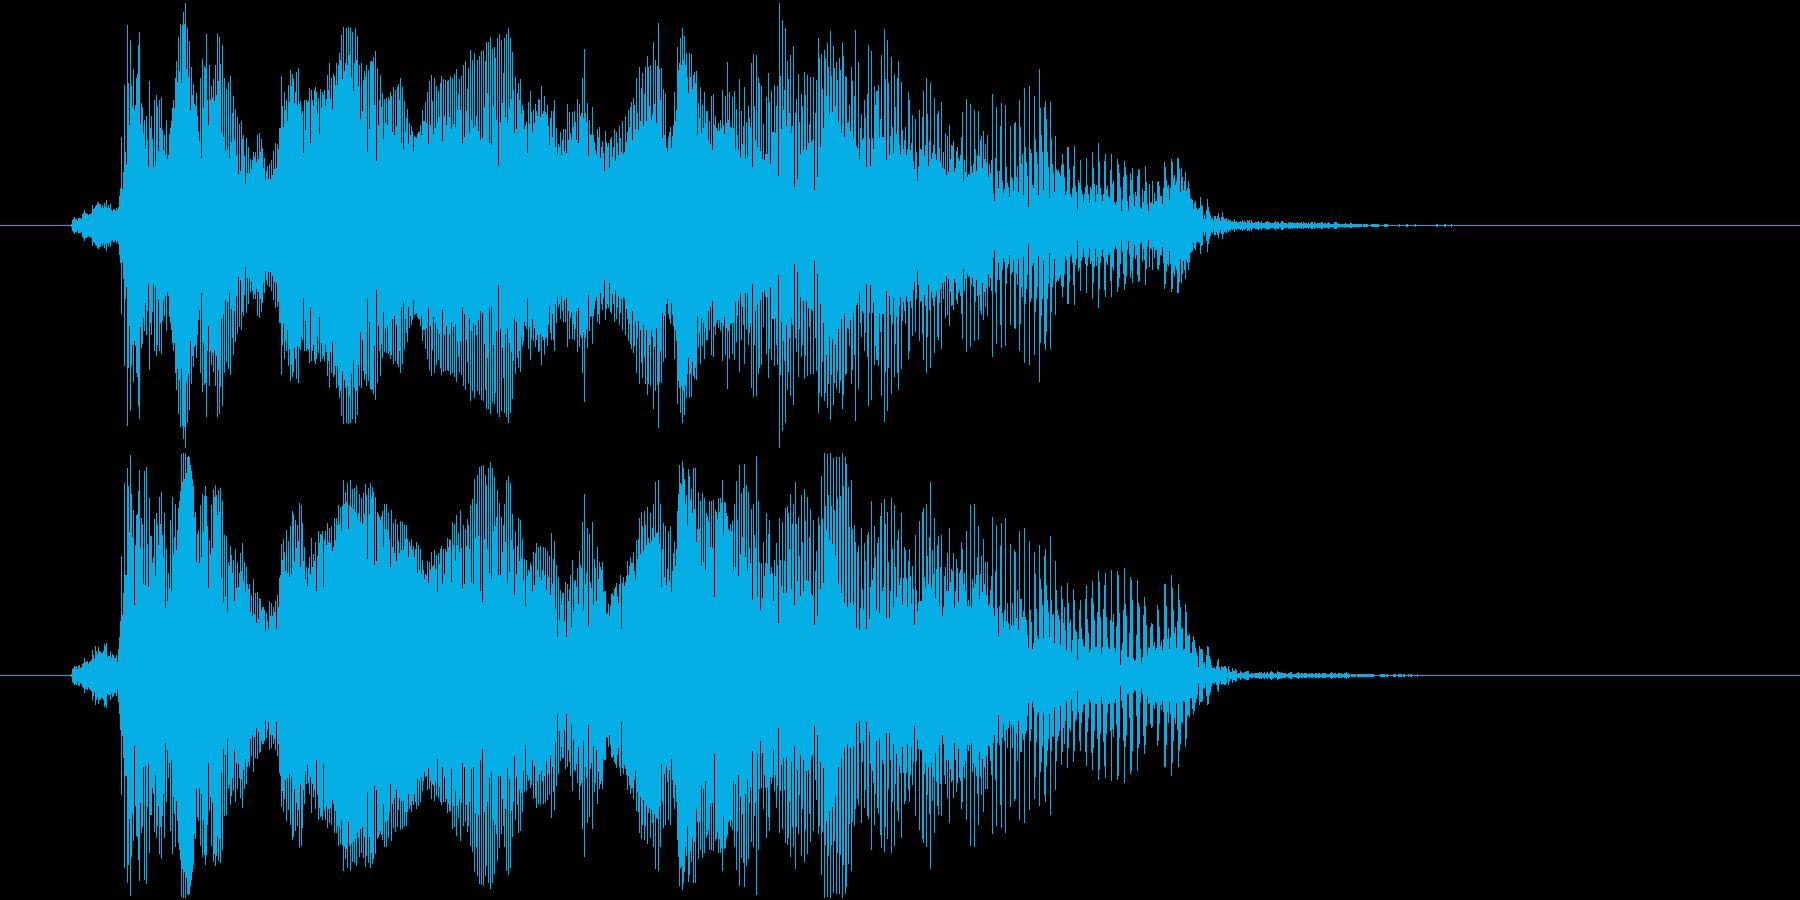 格闘ゲーム用「ファイナルラウンド」の再生済みの波形